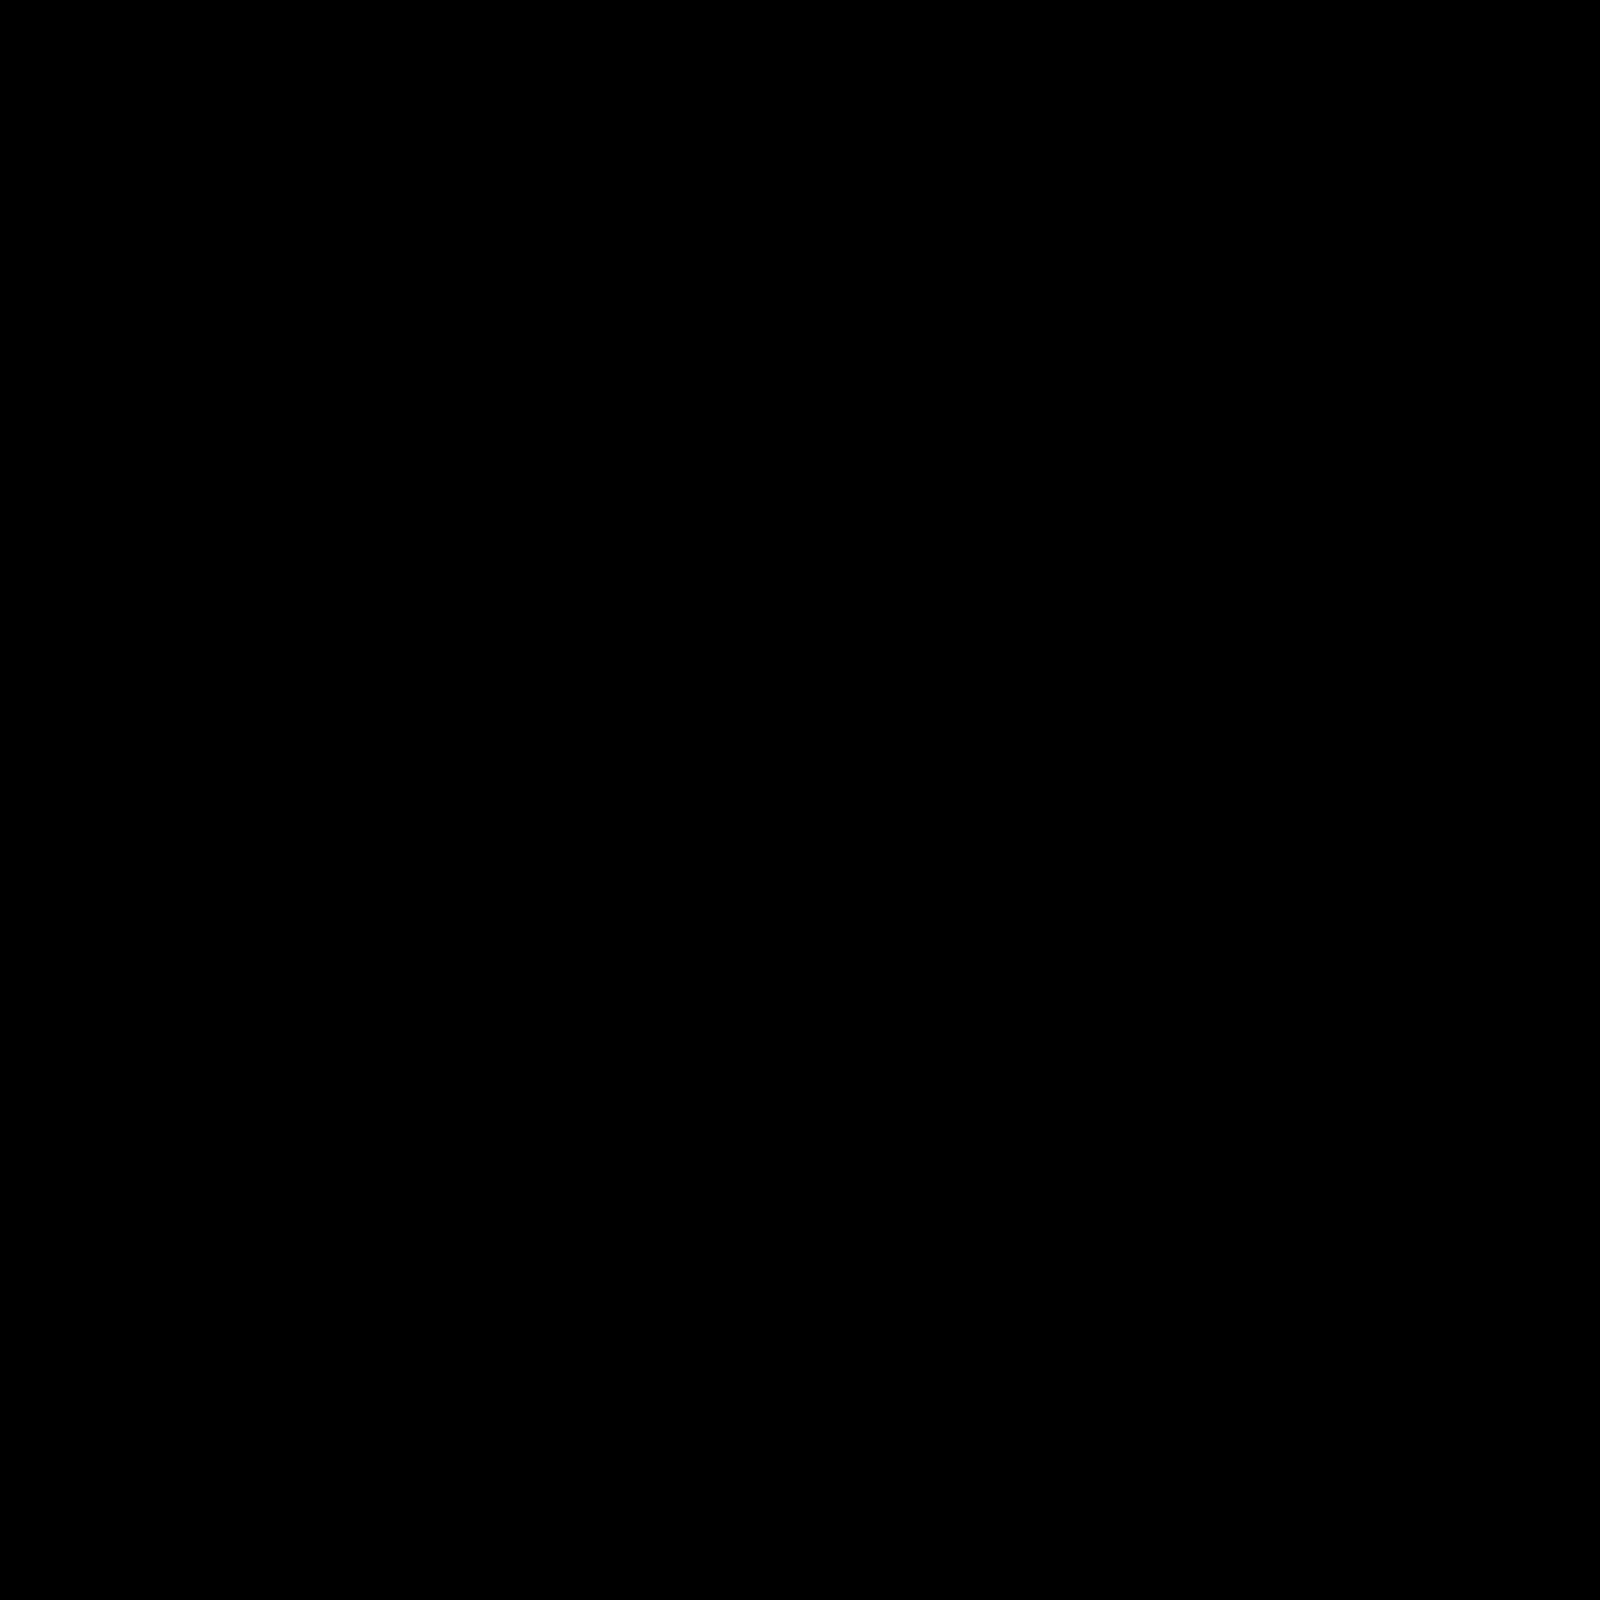 automatyczny system zarządzania domem icon